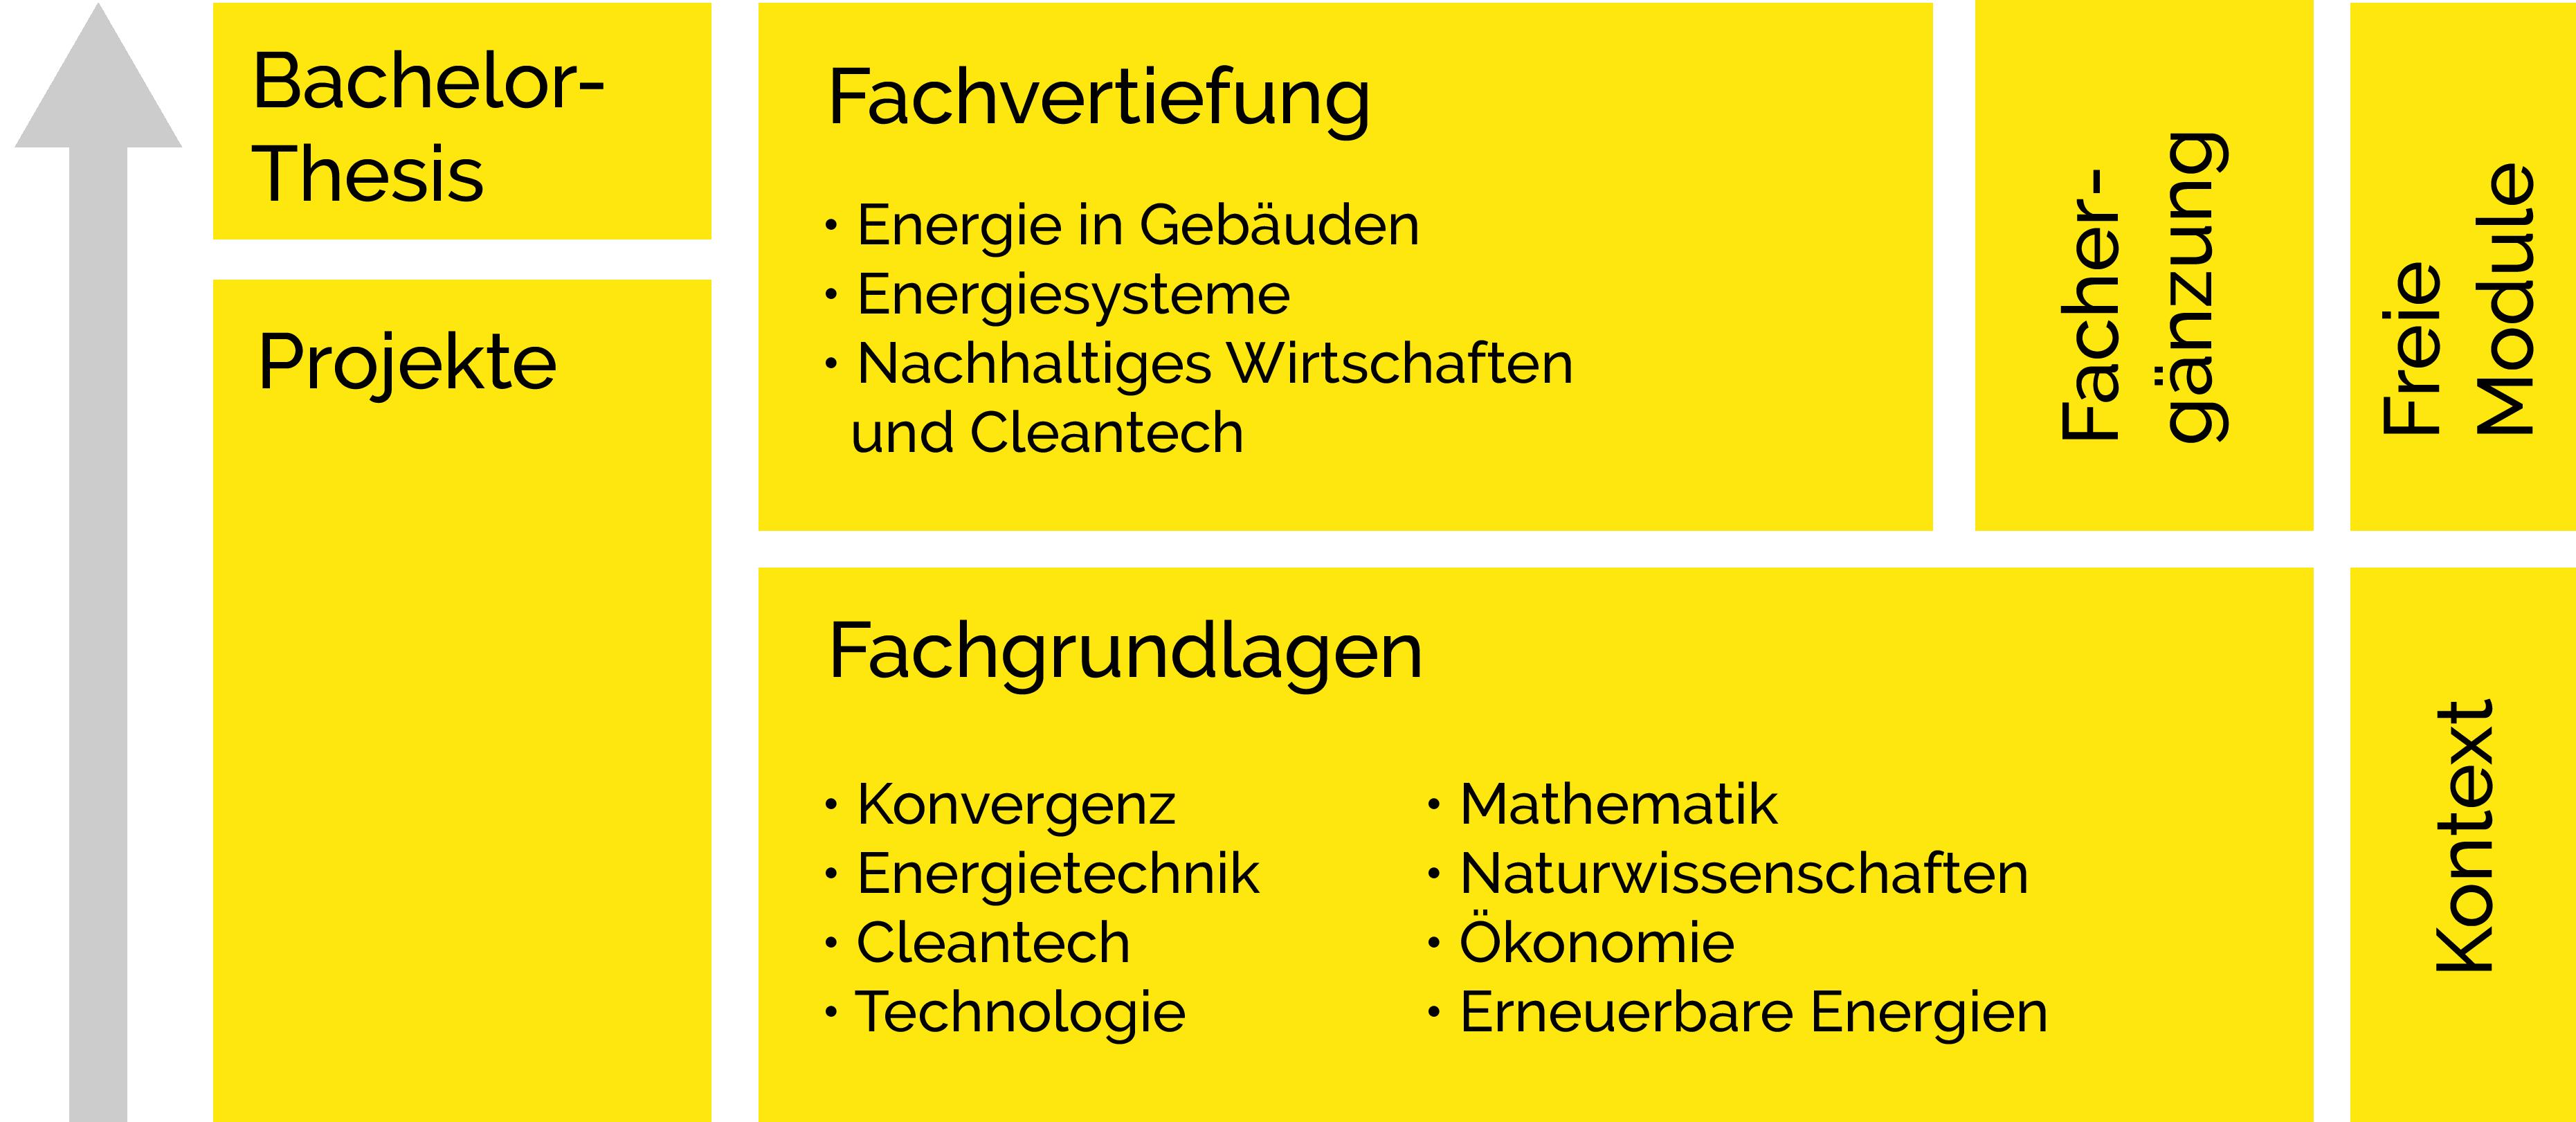 aufbau-studium-ausbildung-eut-ht-fhwn-de.png